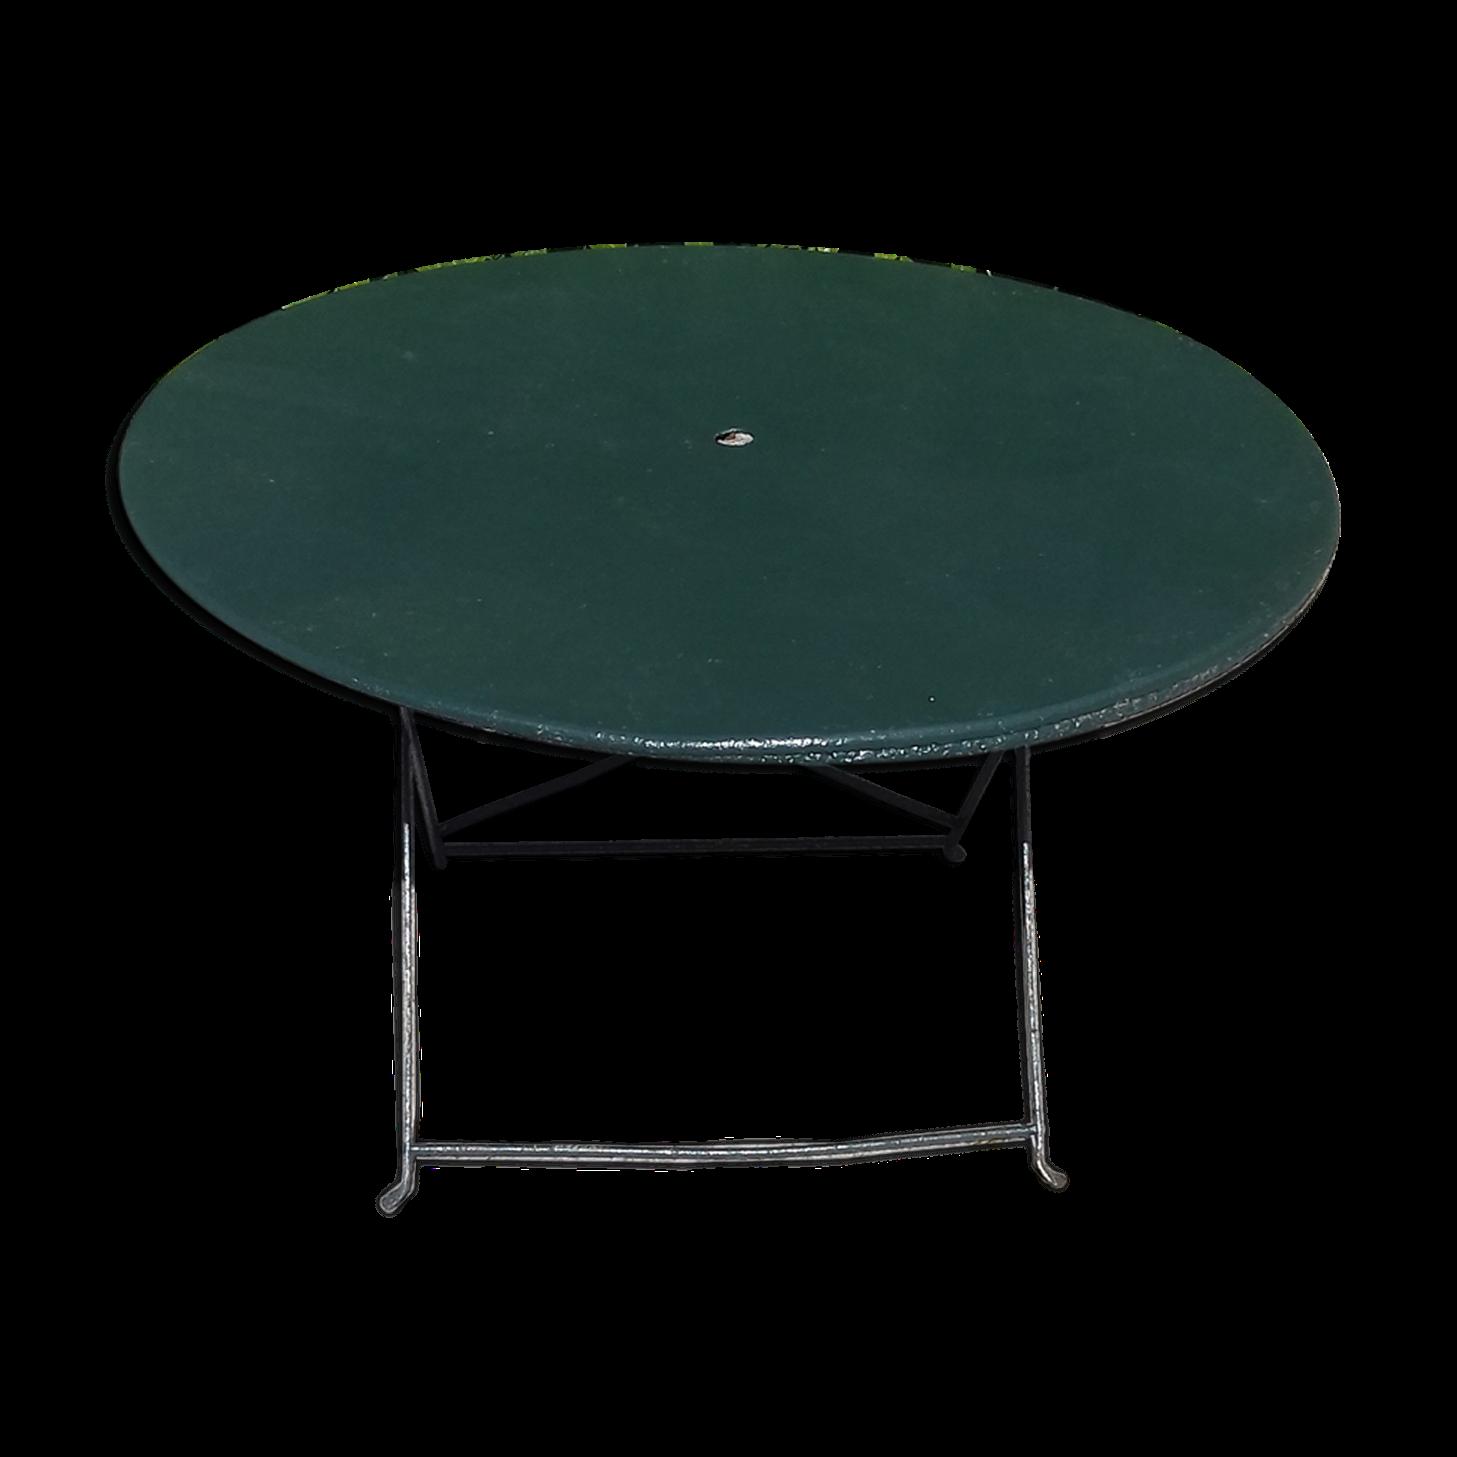 Table Ronde De Jardin Pliante En Fer With Images Folding Table Table Home Decor